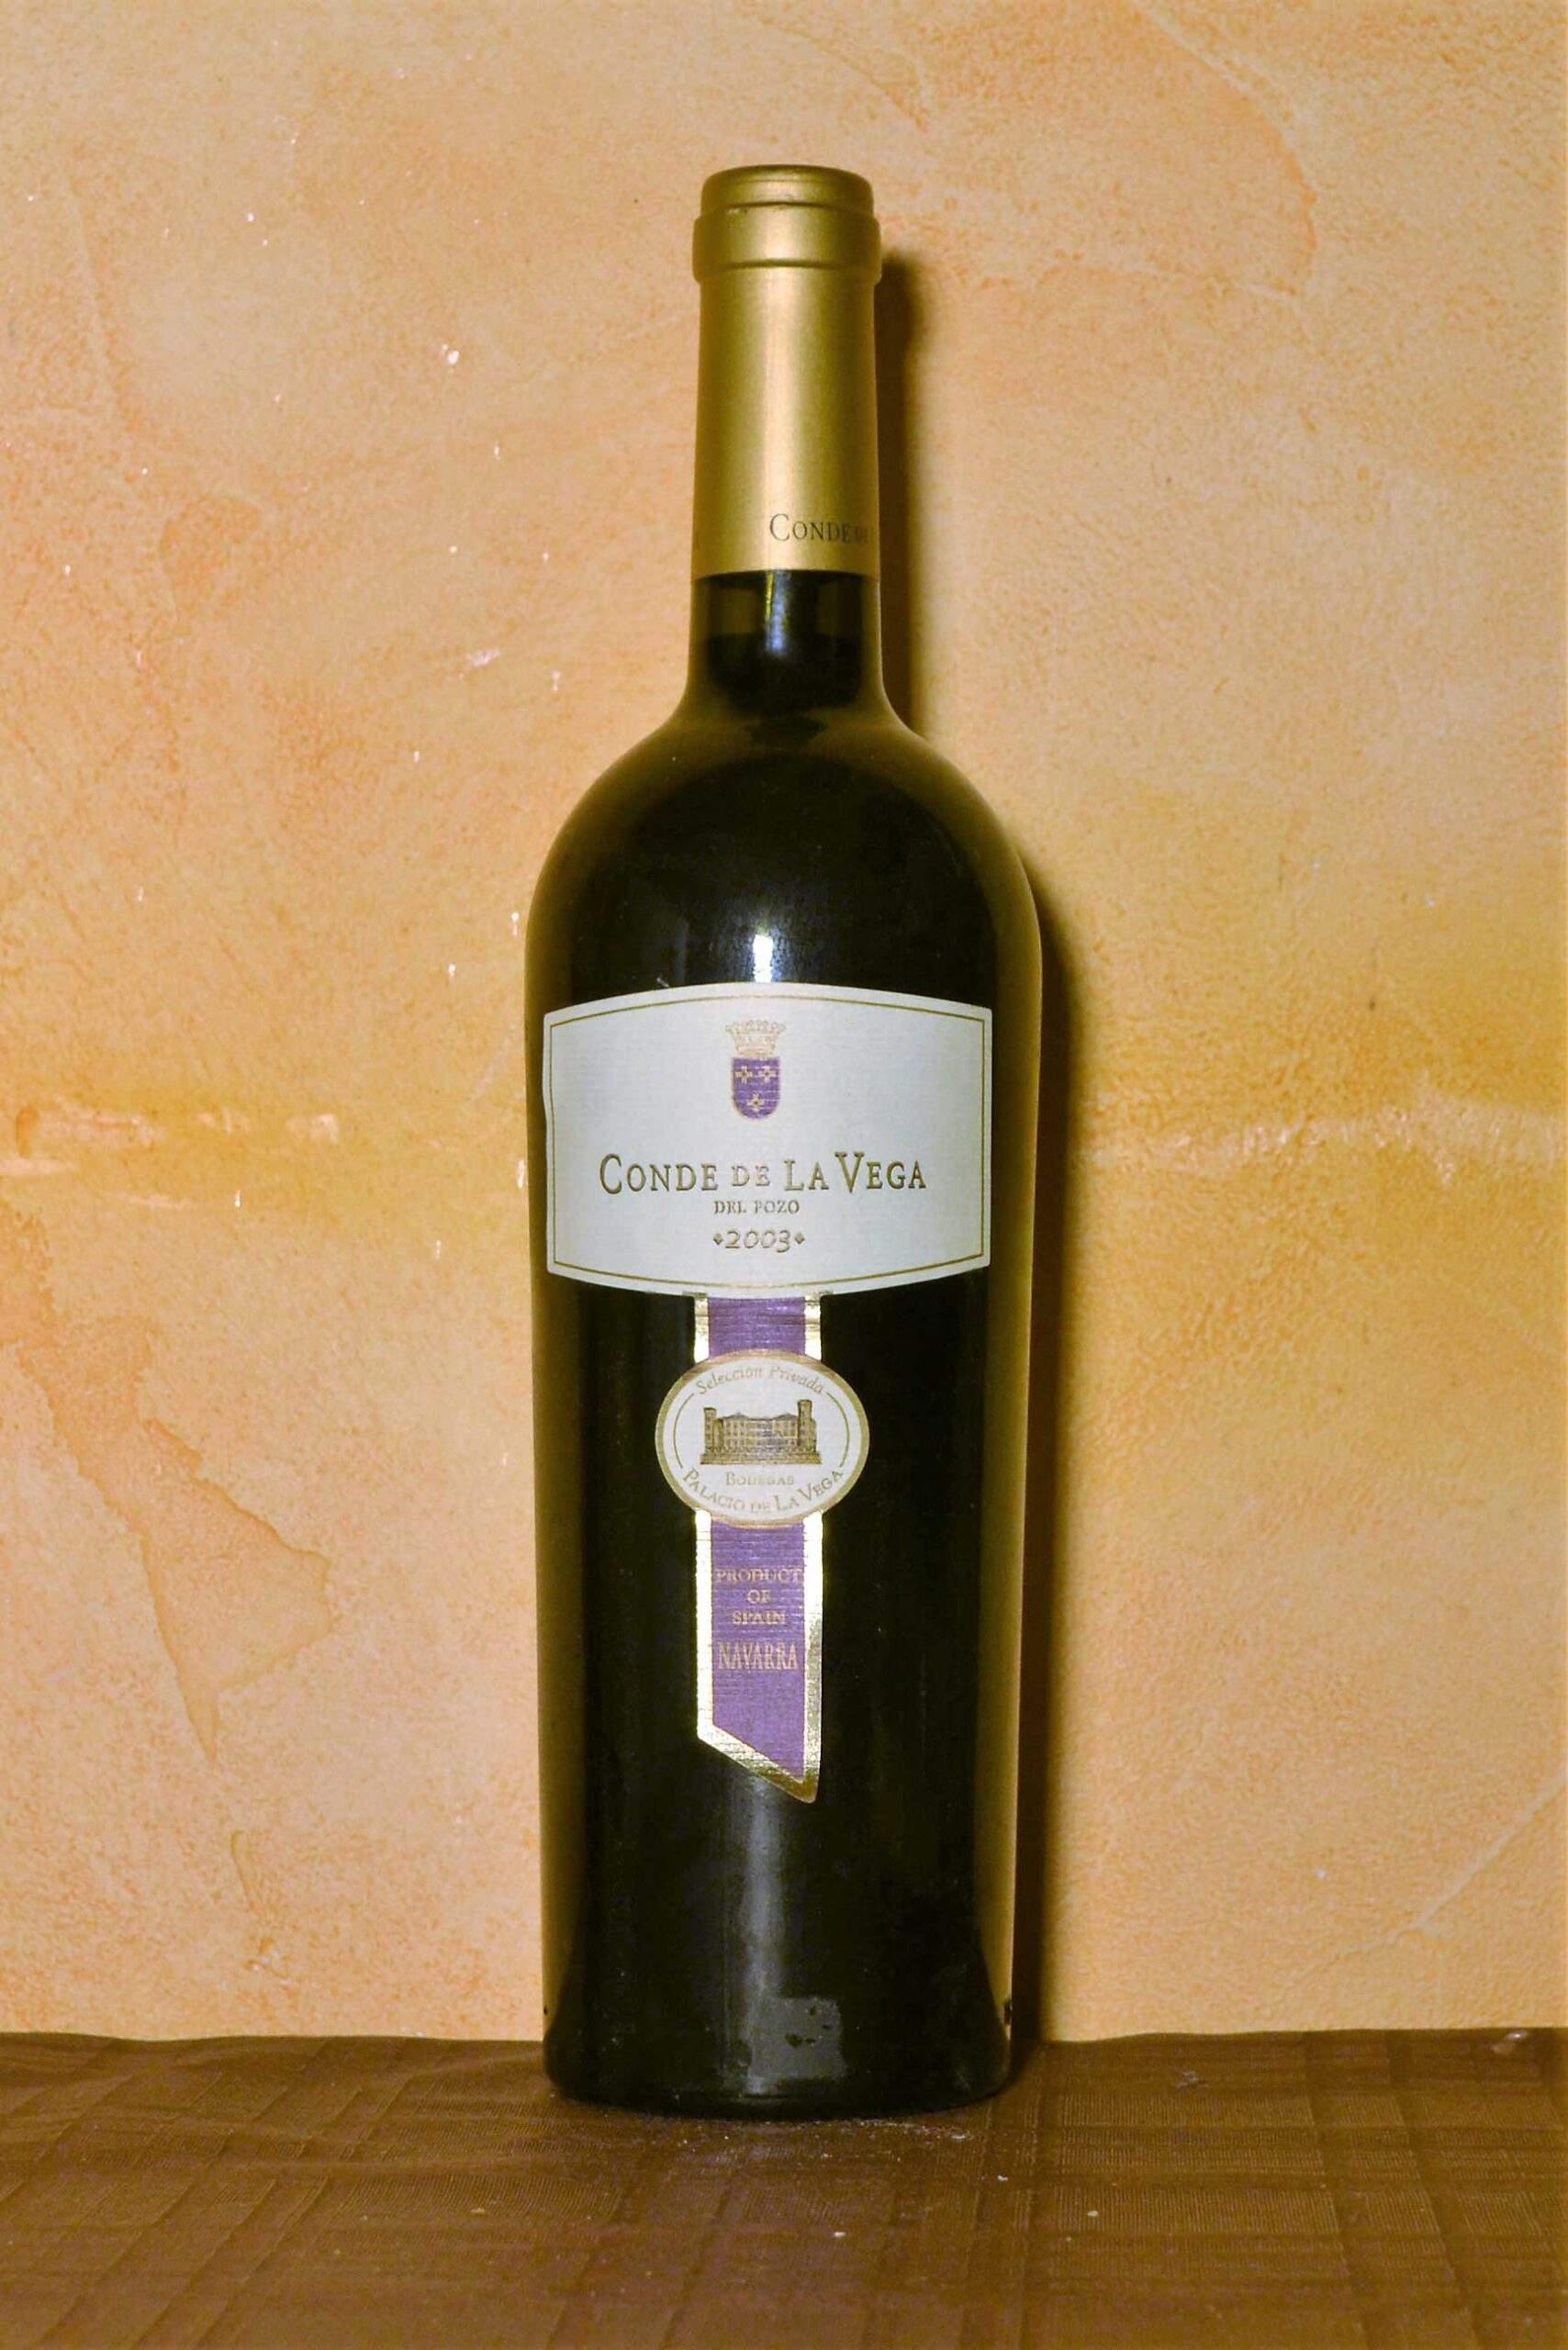 Conde de la Vega 2003